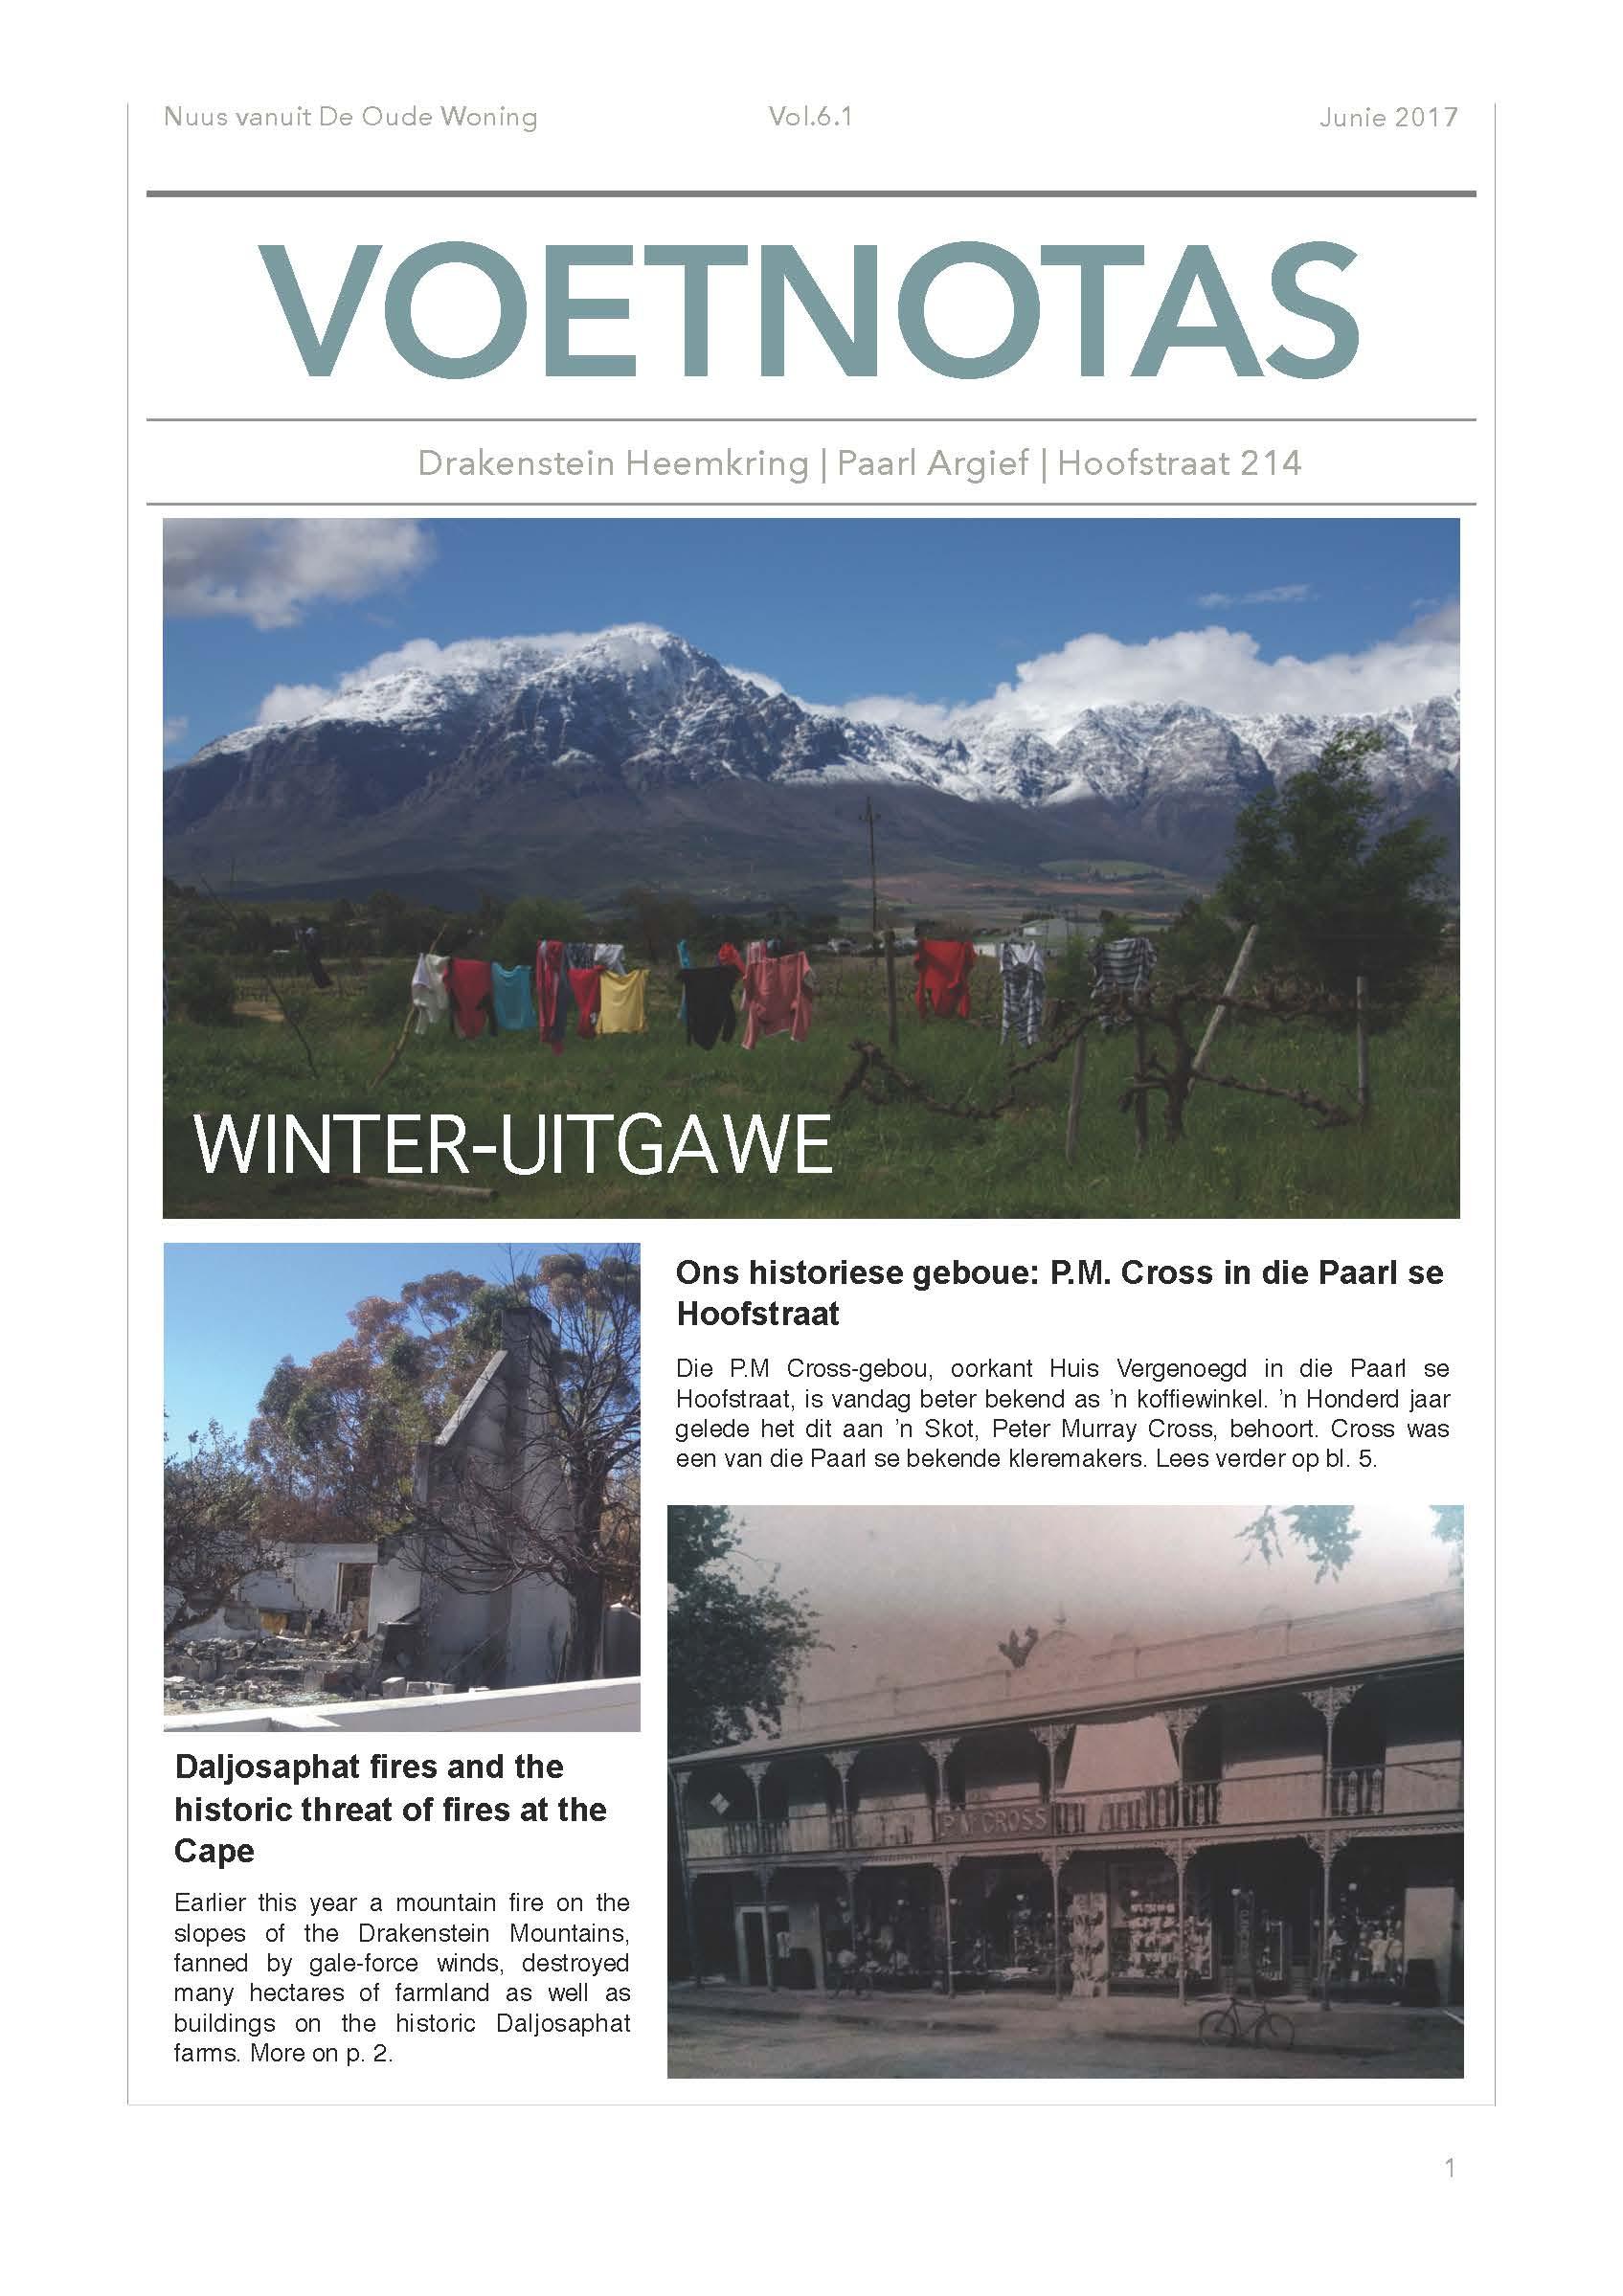 Voetnotas Winter uitgawe voorblad